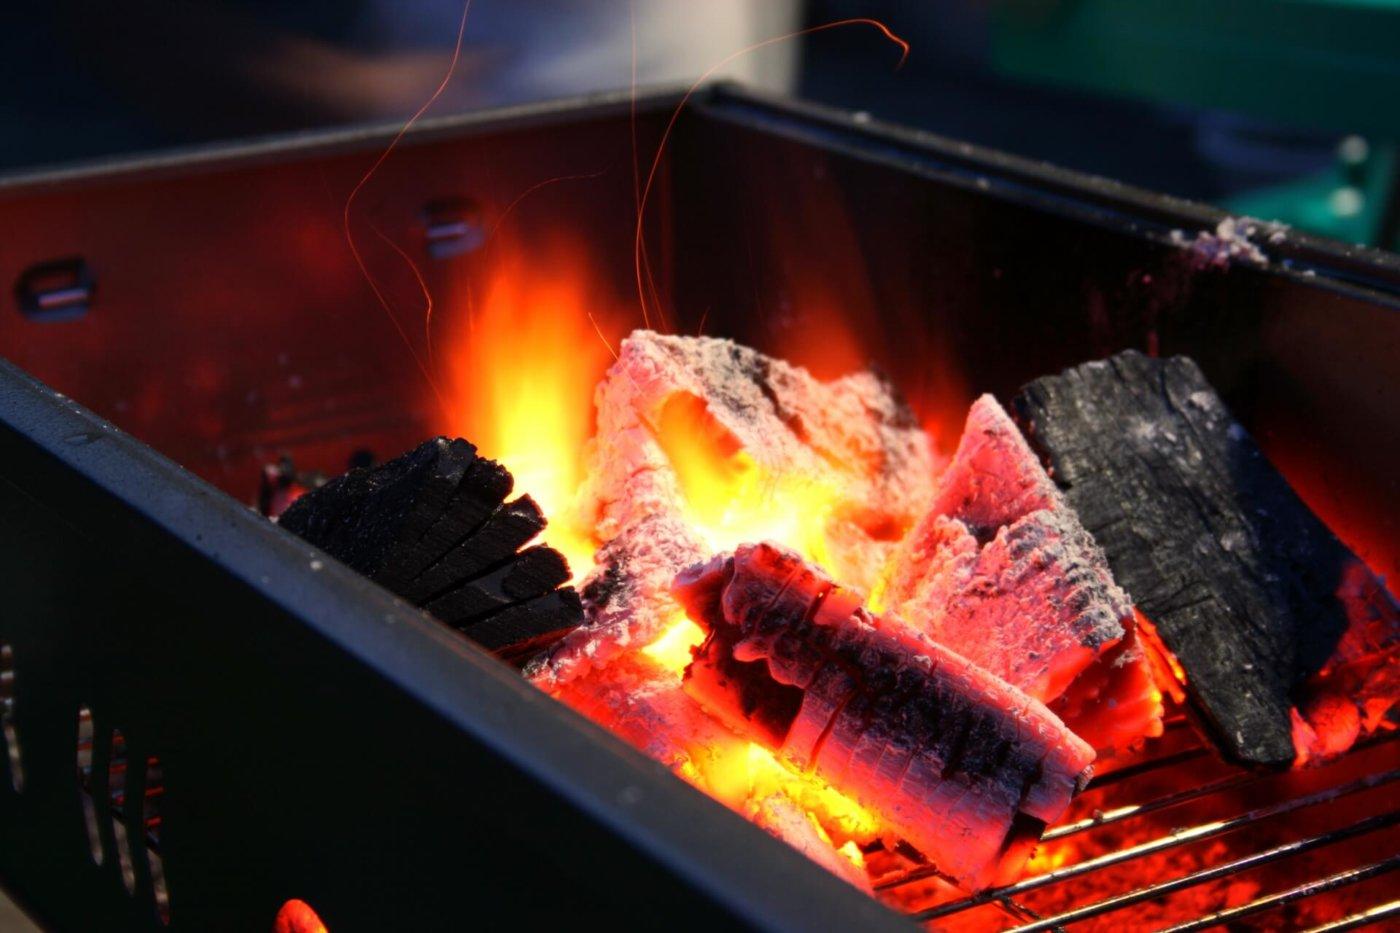 肉・野菜もこれがないと食べられない!バーベキューの炭火の起こし方